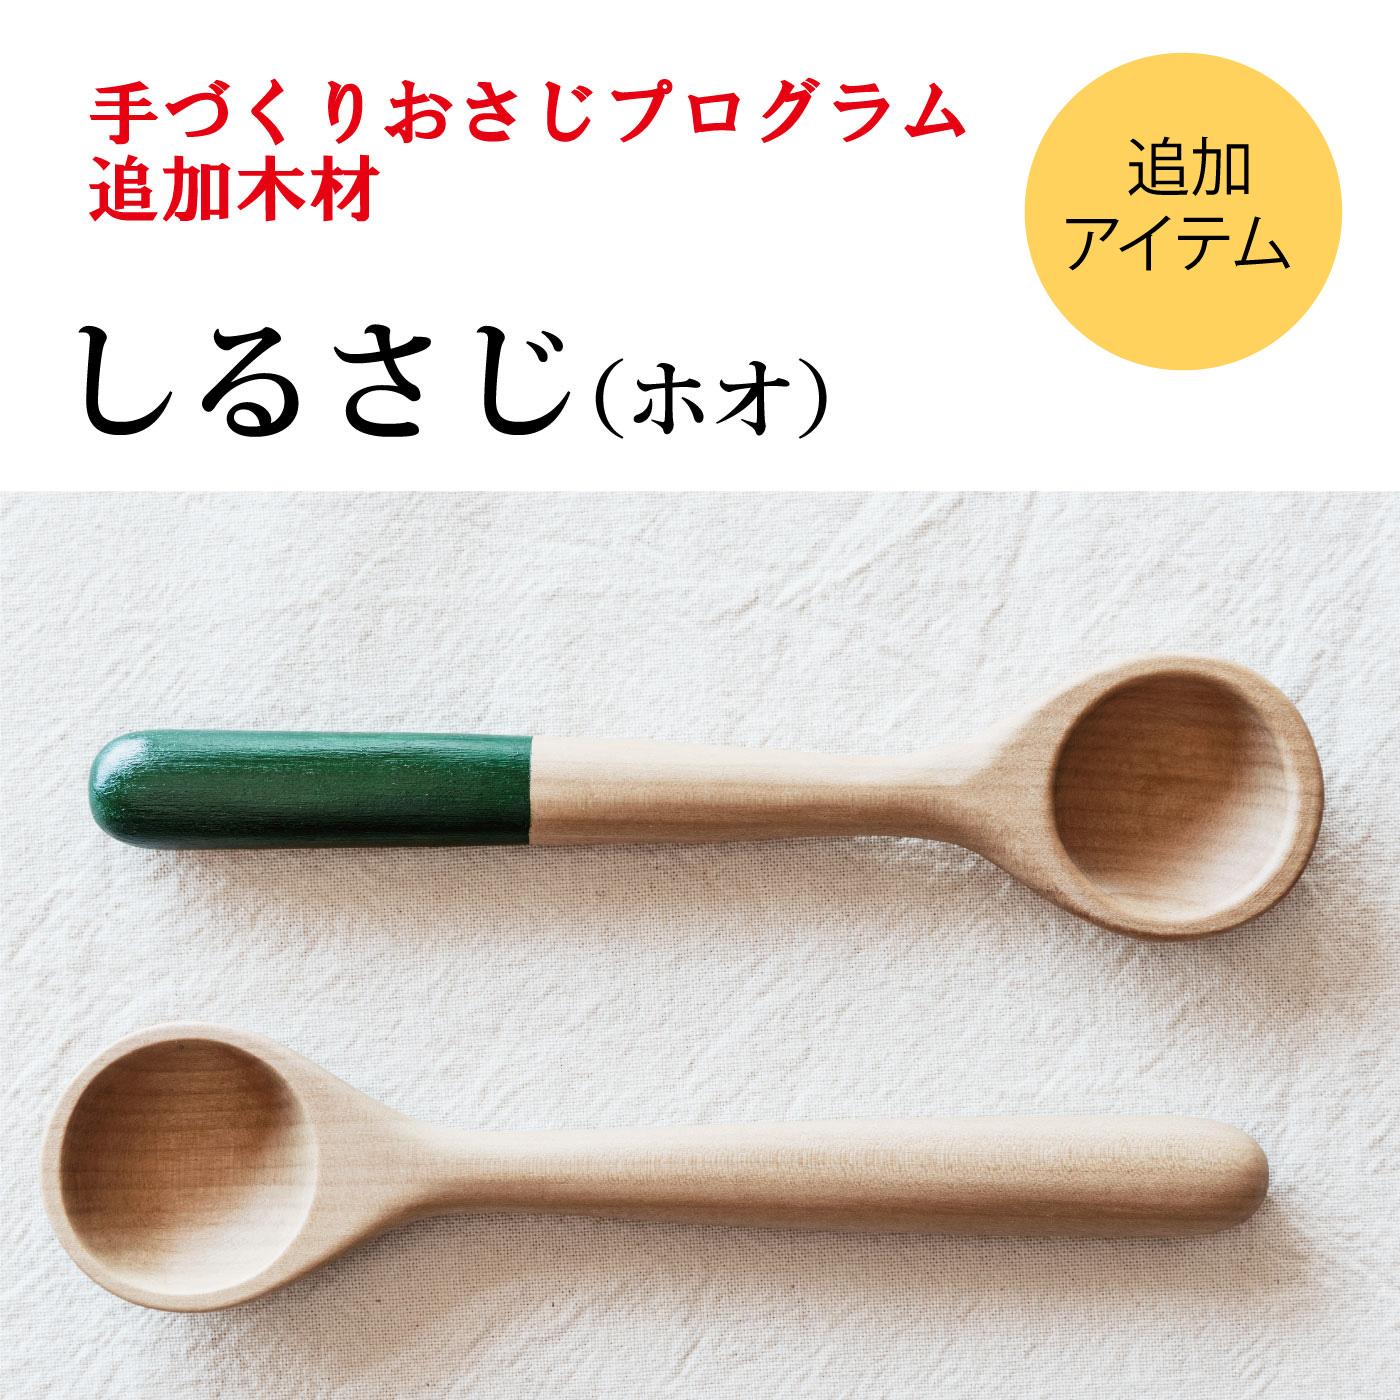 手づくりおさじプログラム 追加購入用木材 しるさじ(ホオ)